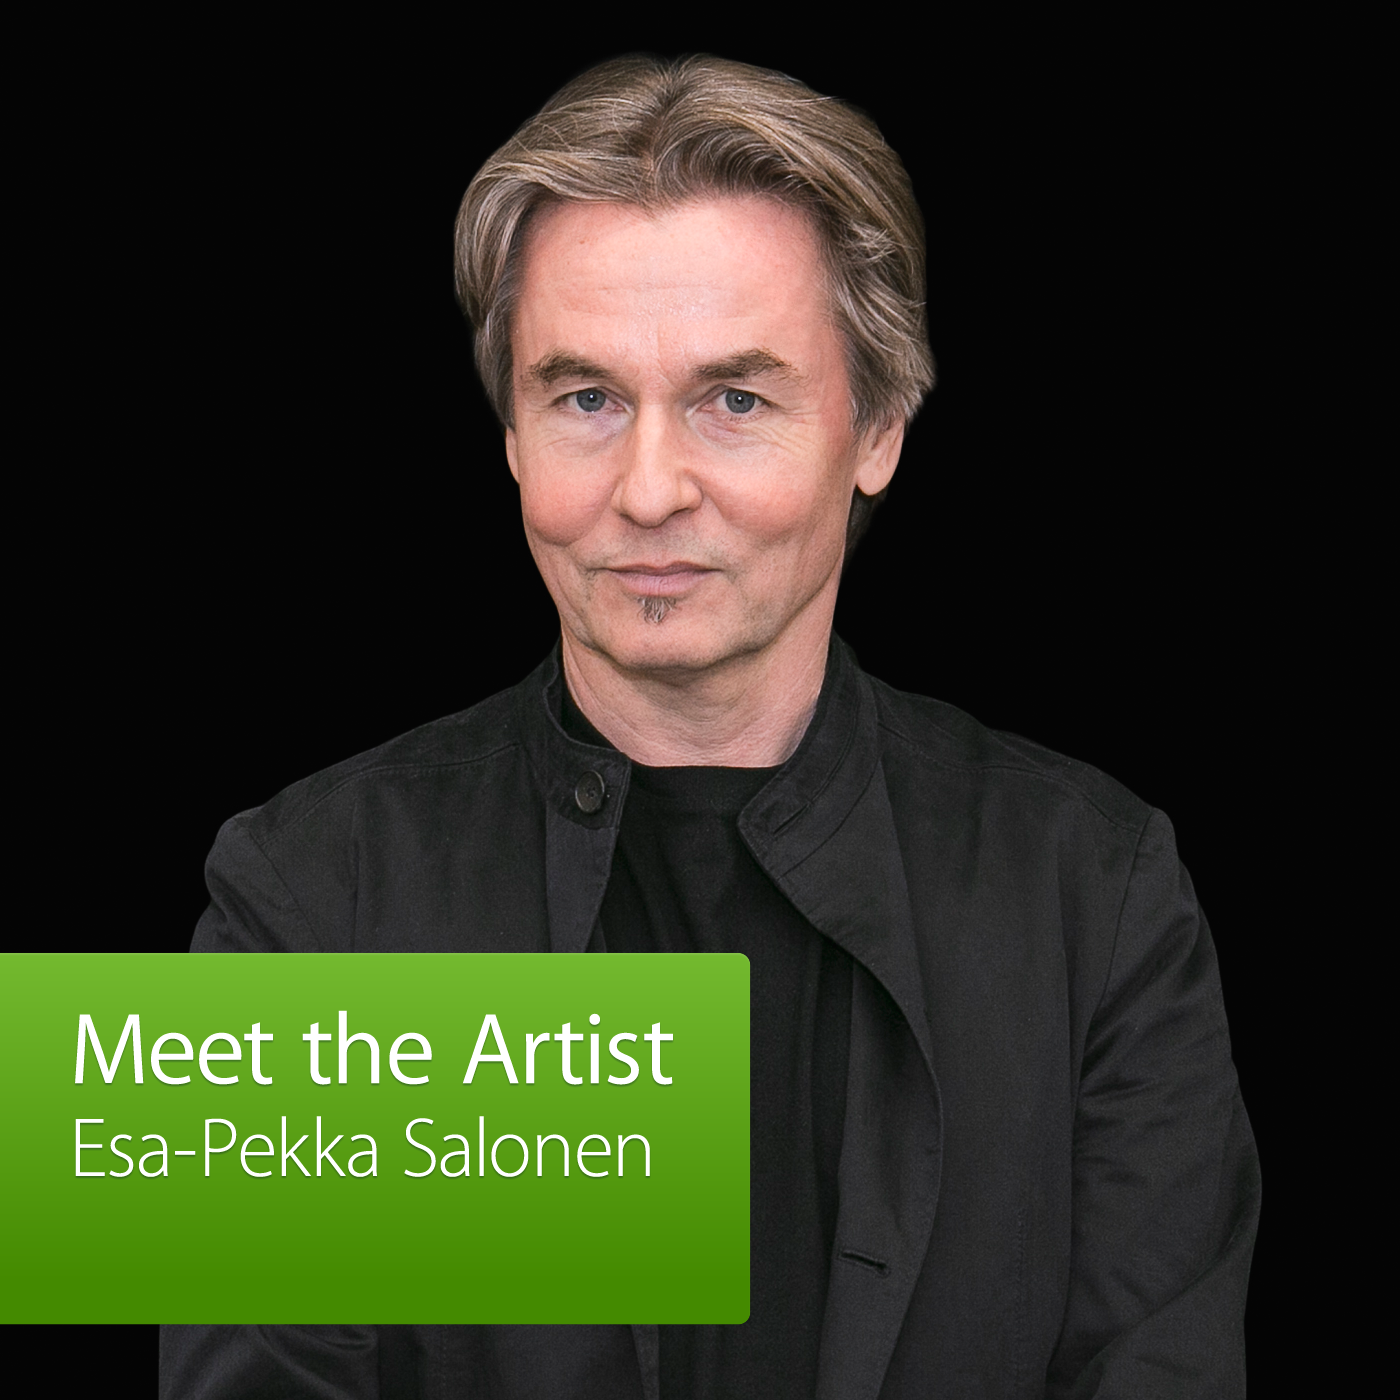 Esa-Pekka Salonen: Meet the Artist